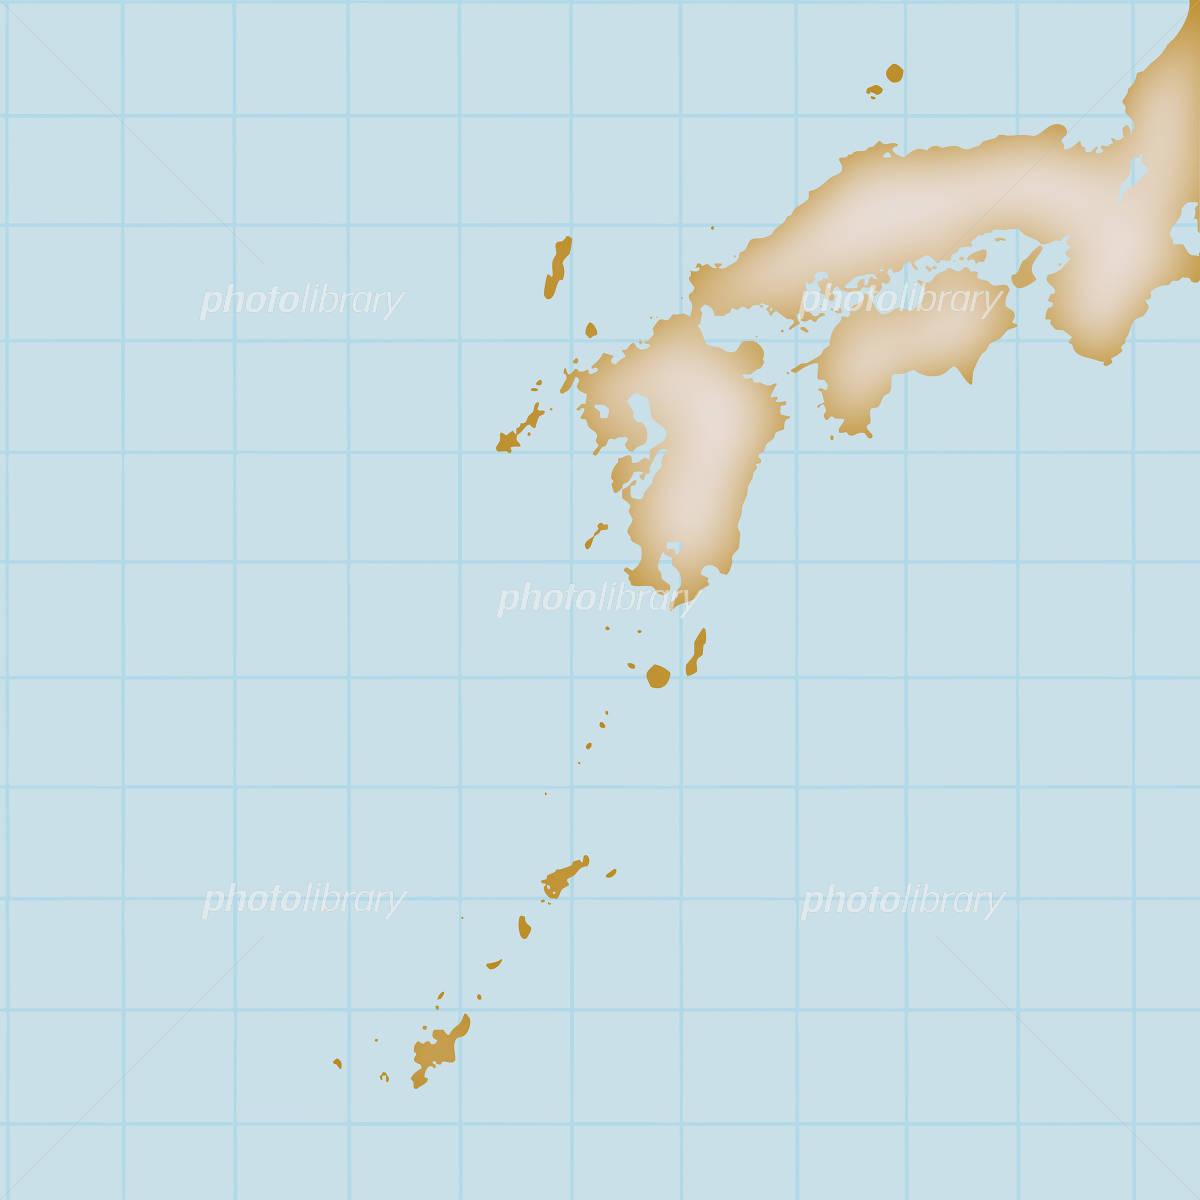 西日本 日本地図 九州 四国 沖縄 イラスト素材 4903867 フォト